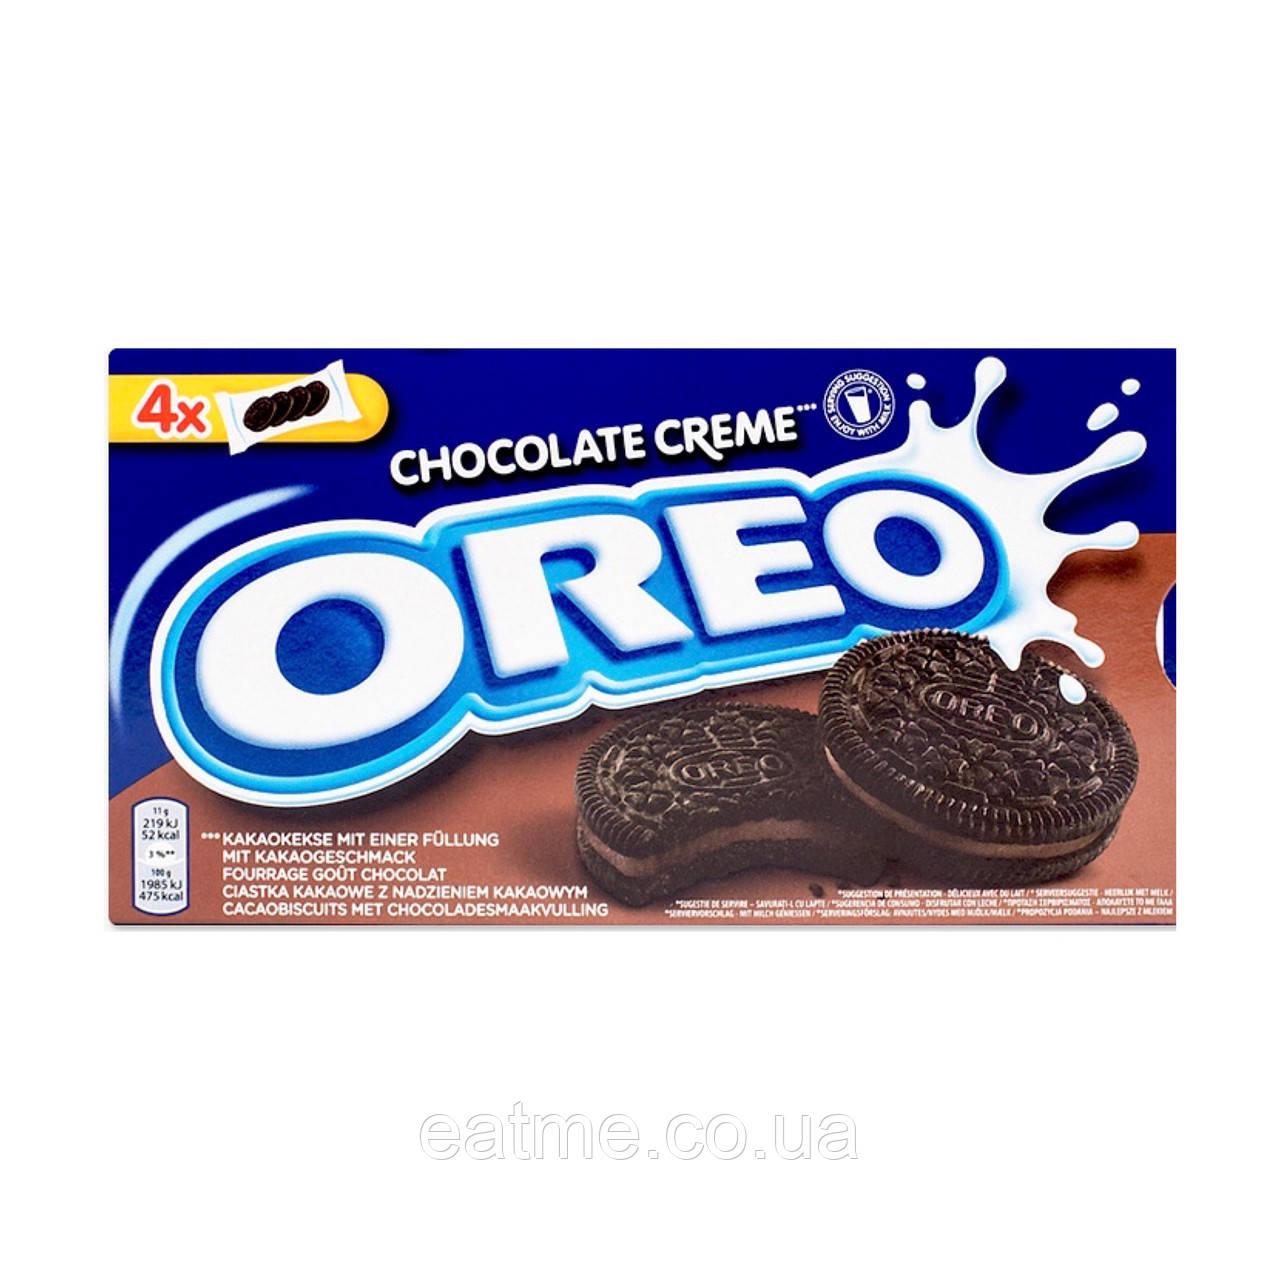 Oreo Chocolate creme Шоколадное печенье с шоколадным кремом